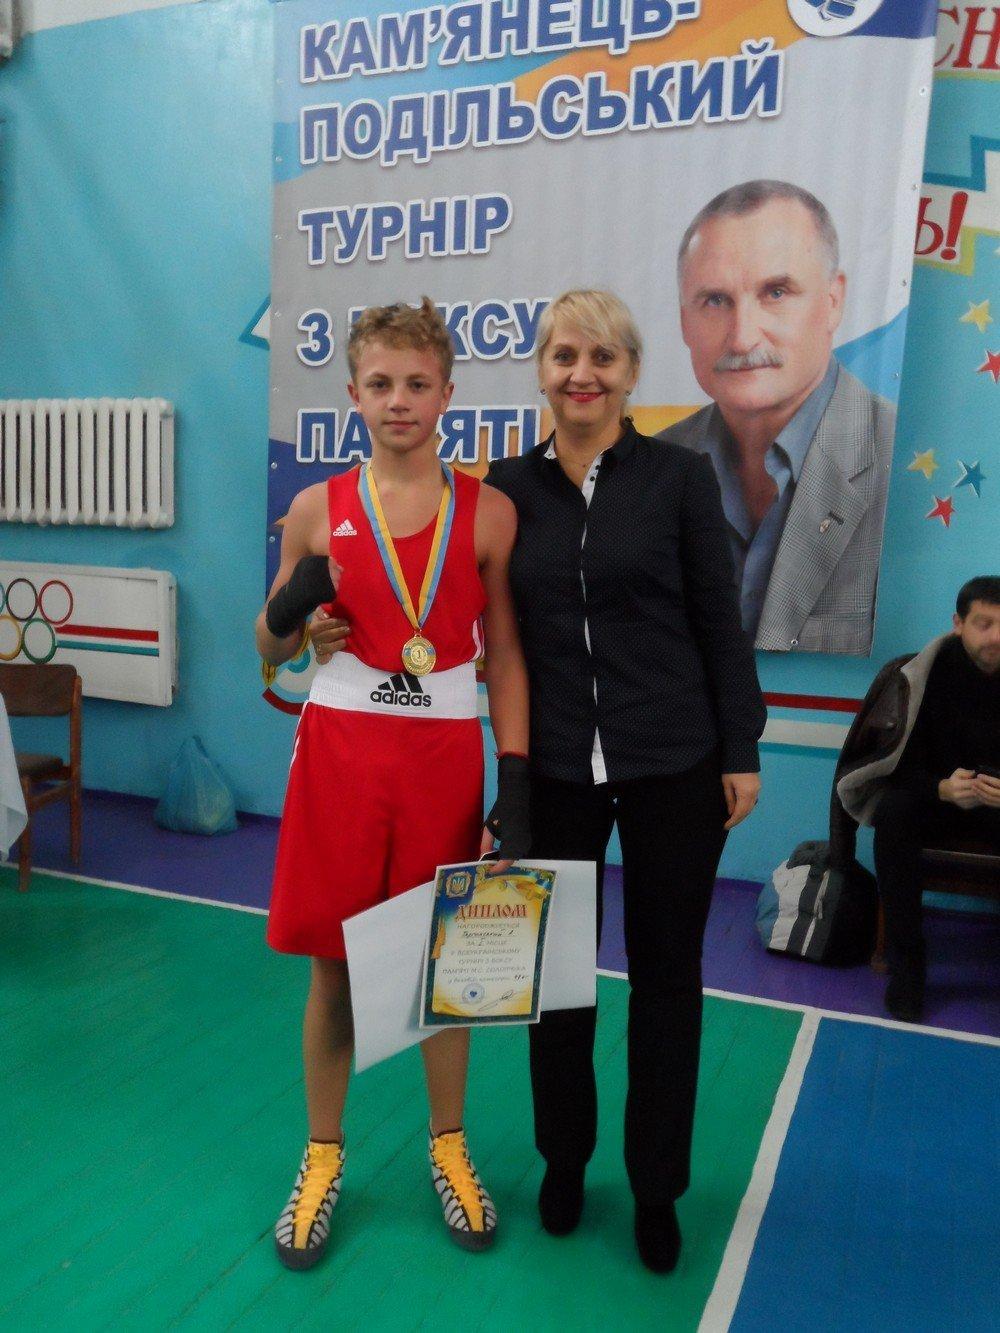 II Всеукраїнський турнір з боксу пам'яті М.С. Солопчука відбувся у Кам'янці-Подільському, фото-4